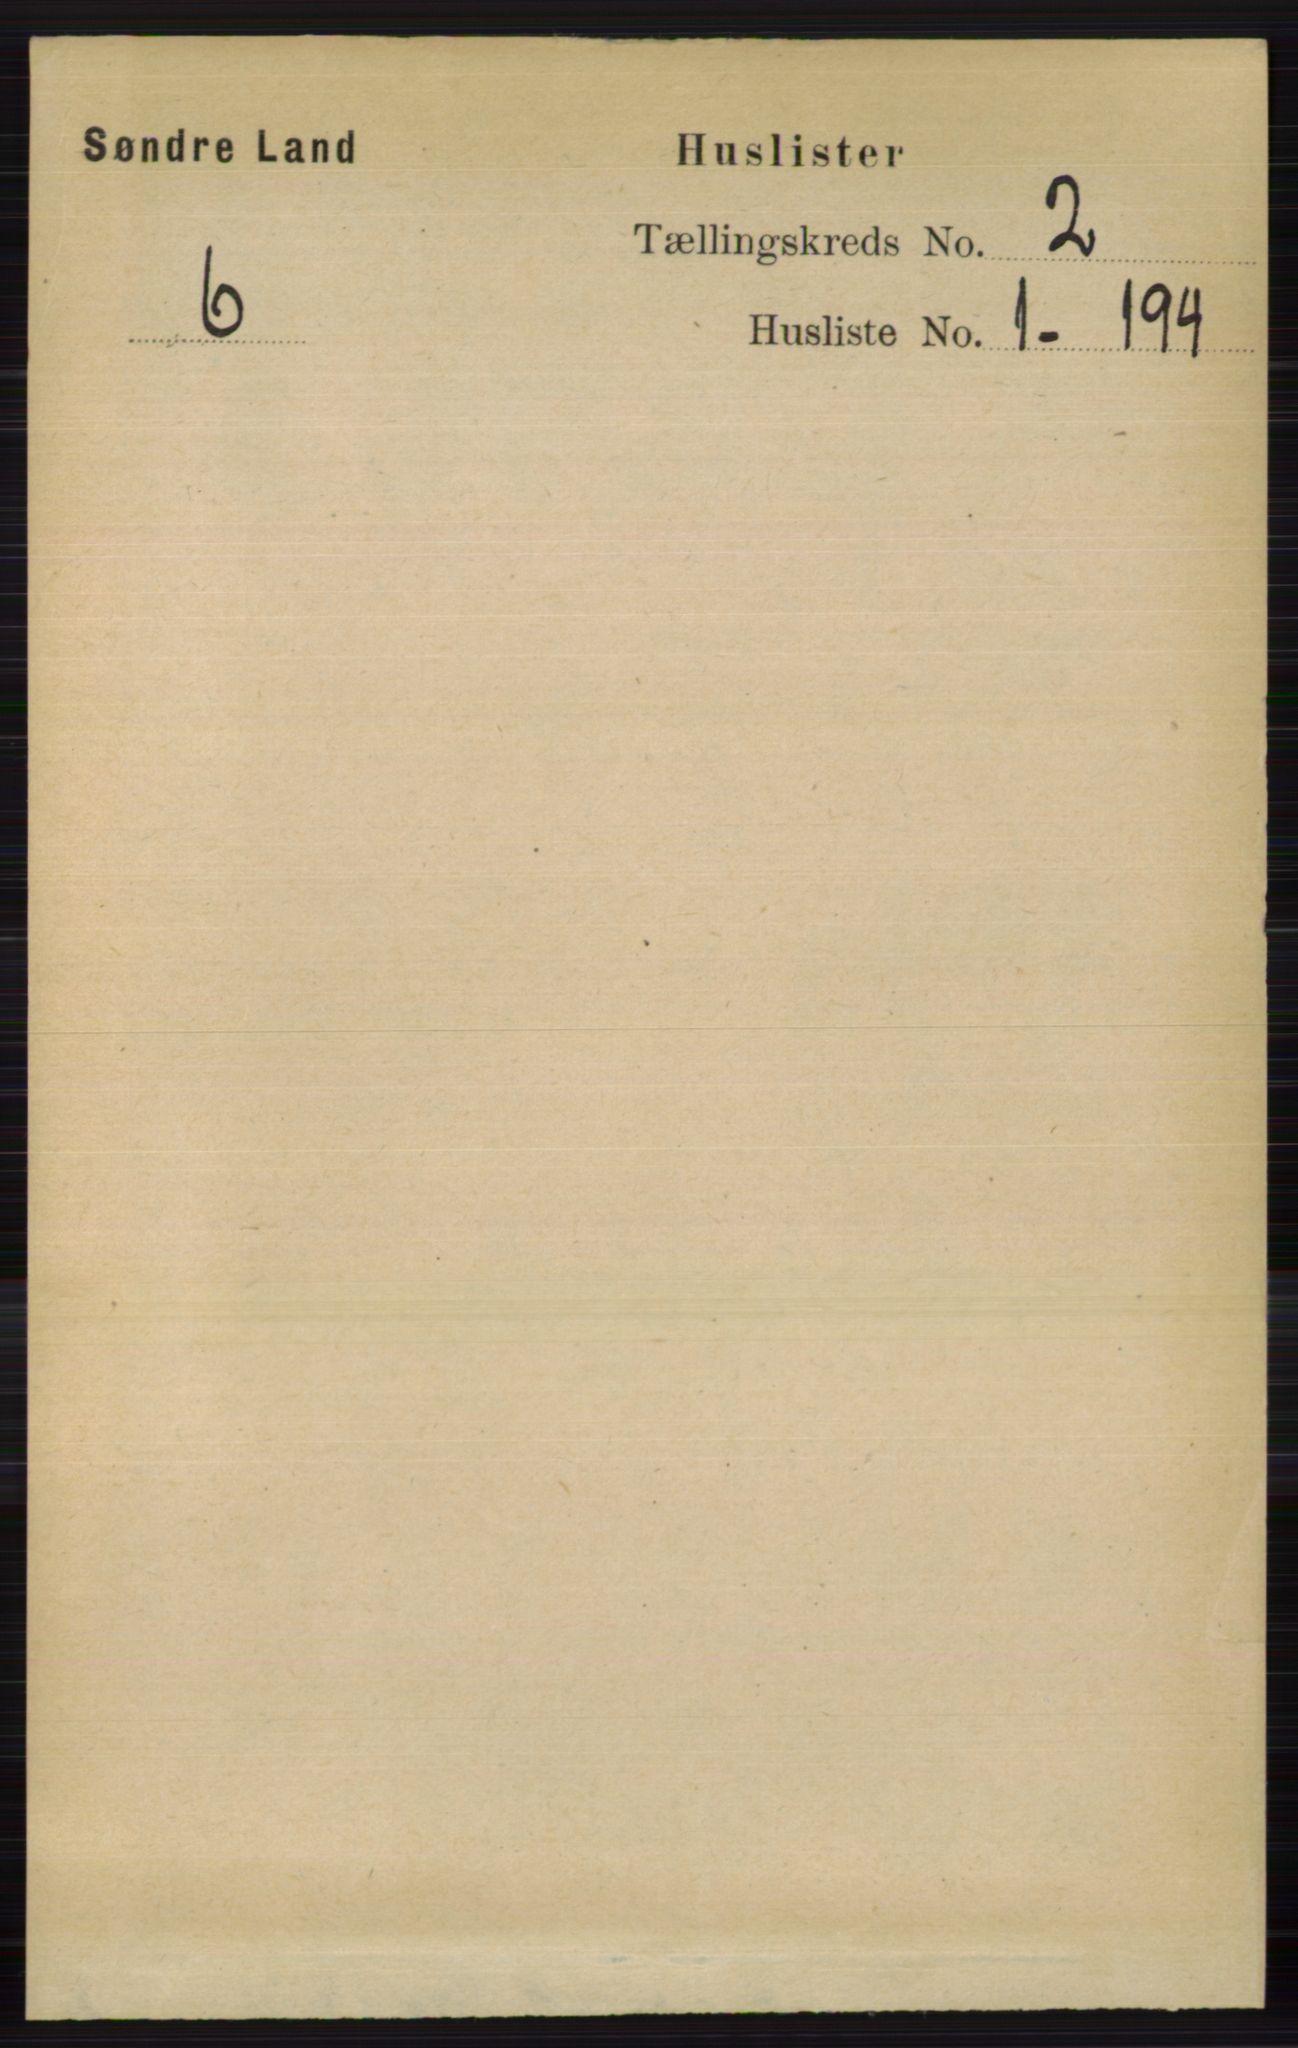 RA, Folketelling 1891 for 0536 Søndre Land herred, 1891, s. 832